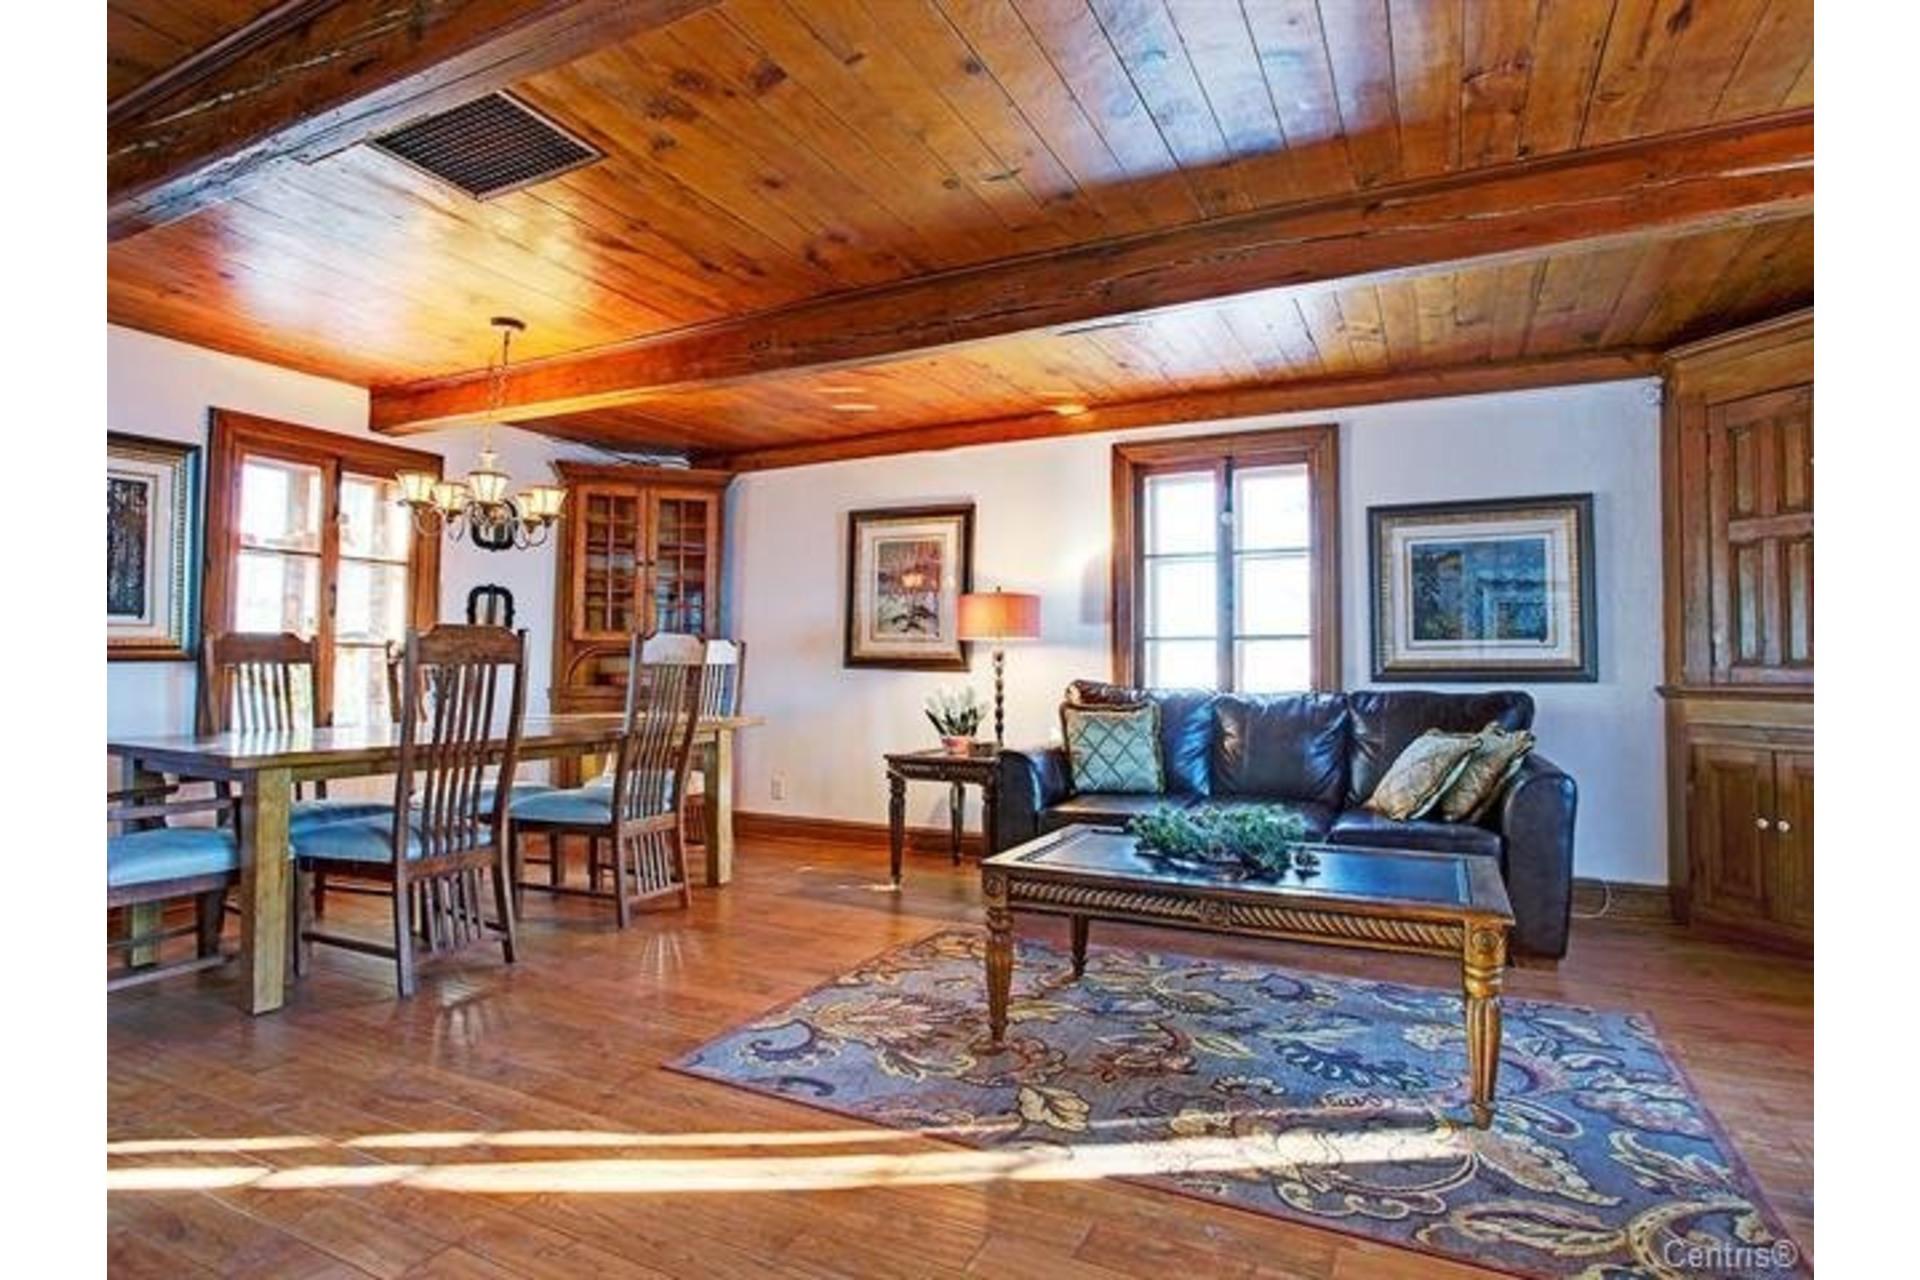 image 10 - MX - Casa sola - MX En venta Vaudreuil-Dorion - 12 habitaciones